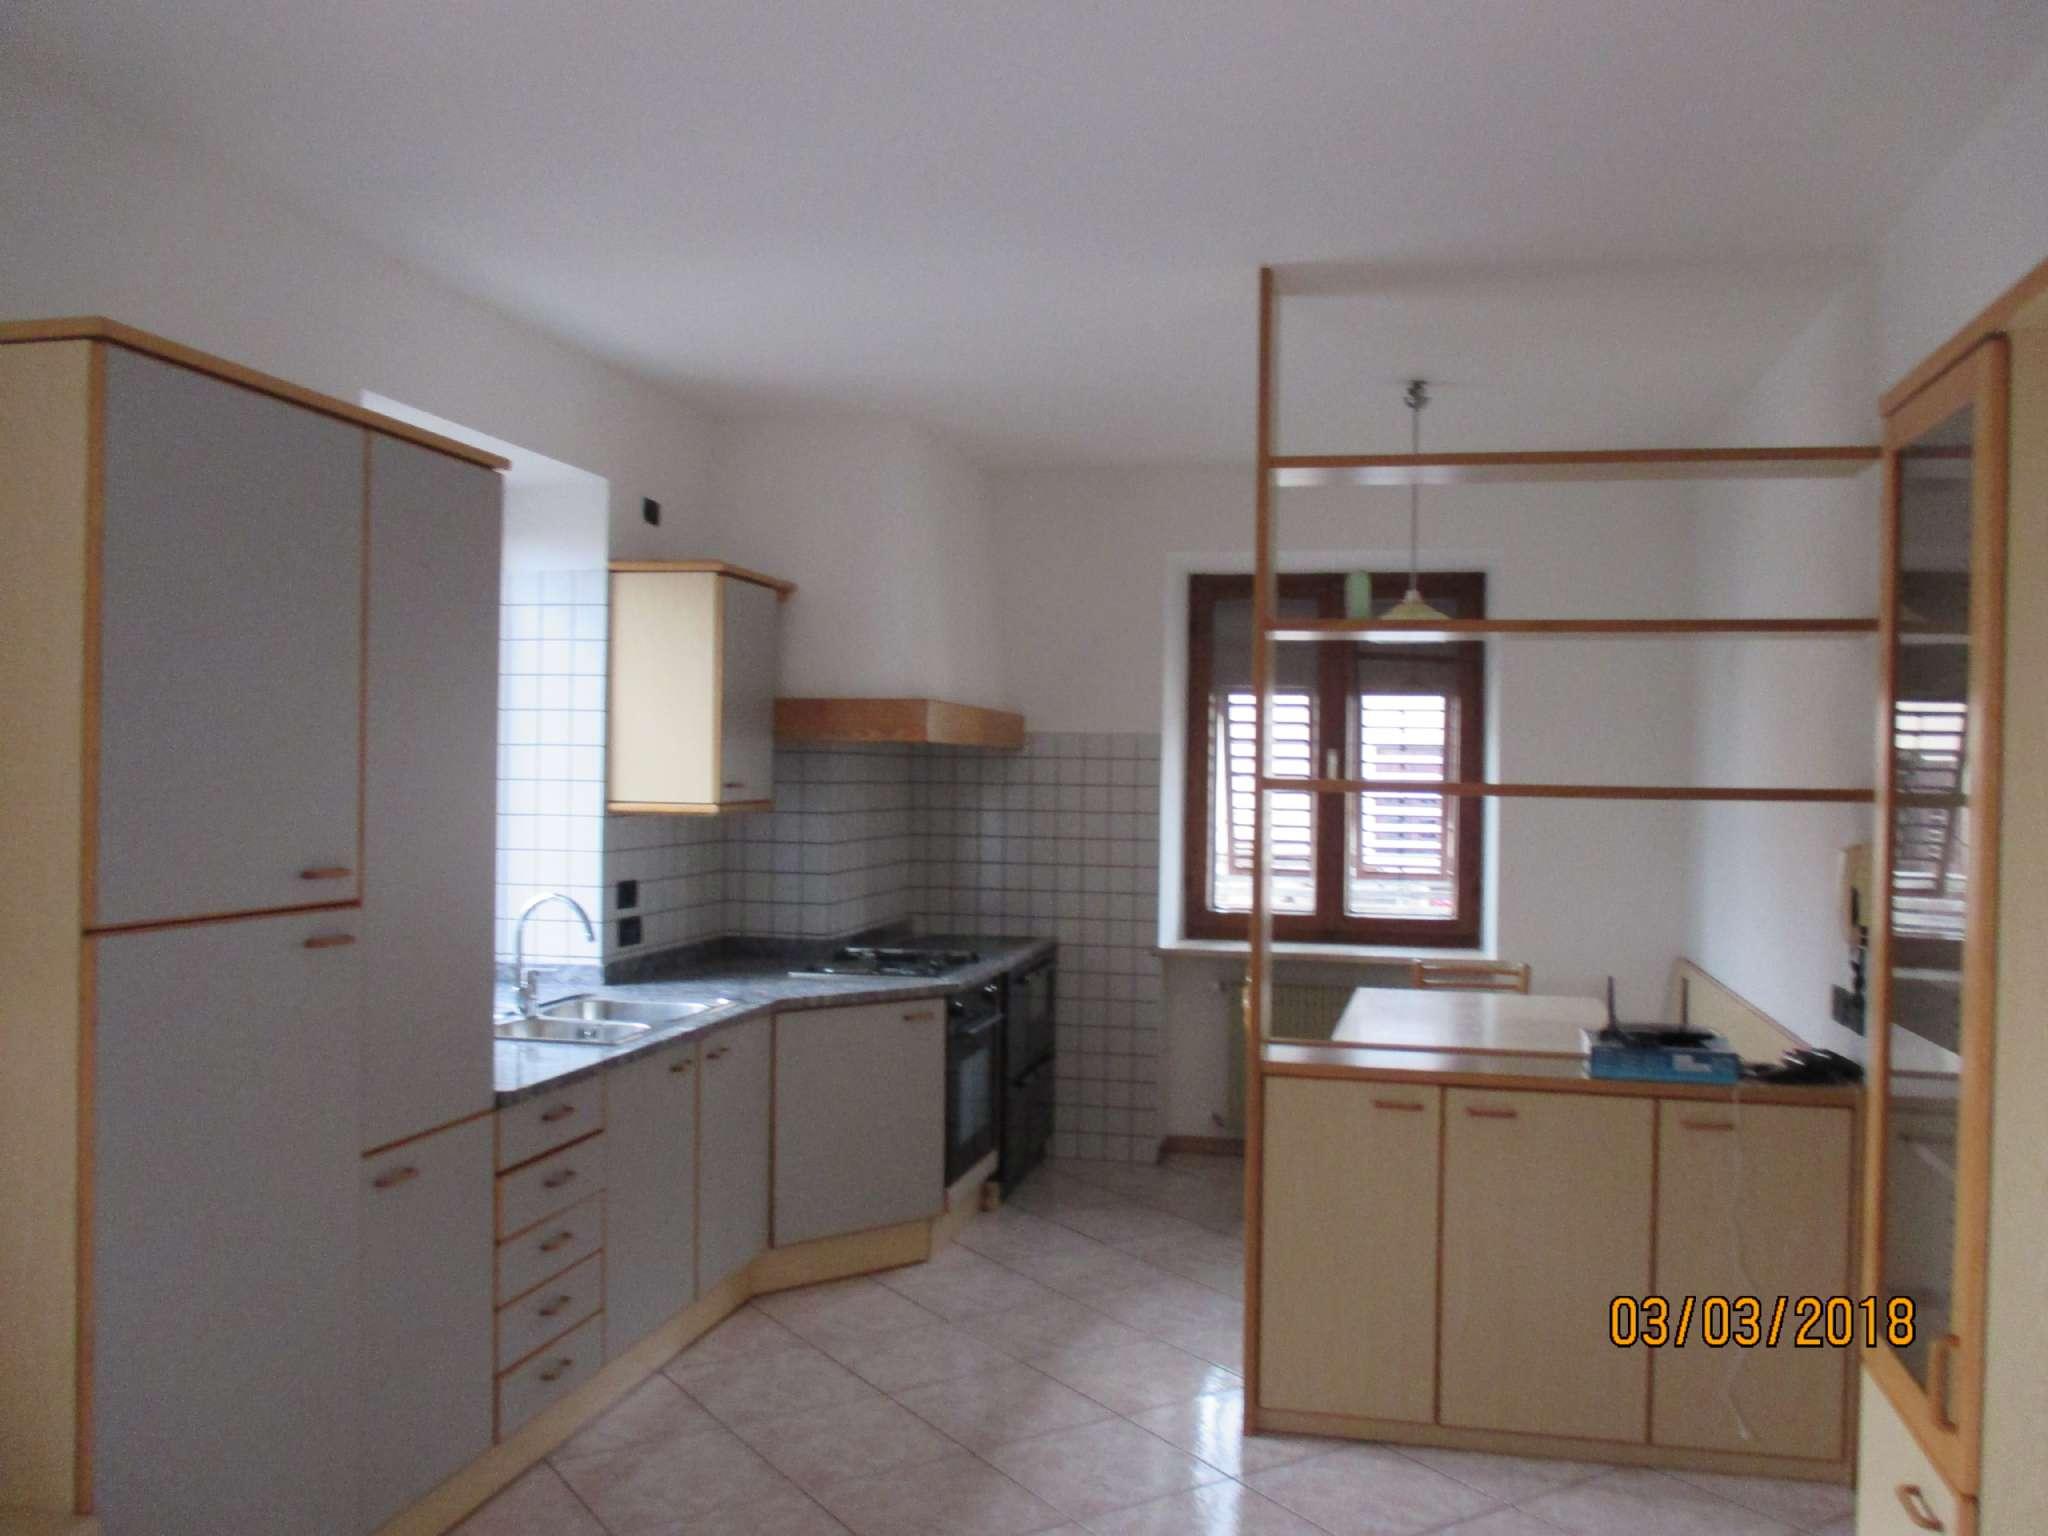 Soluzione Indipendente in affitto a Predaia, 4 locali, prezzo € 450   CambioCasa.it